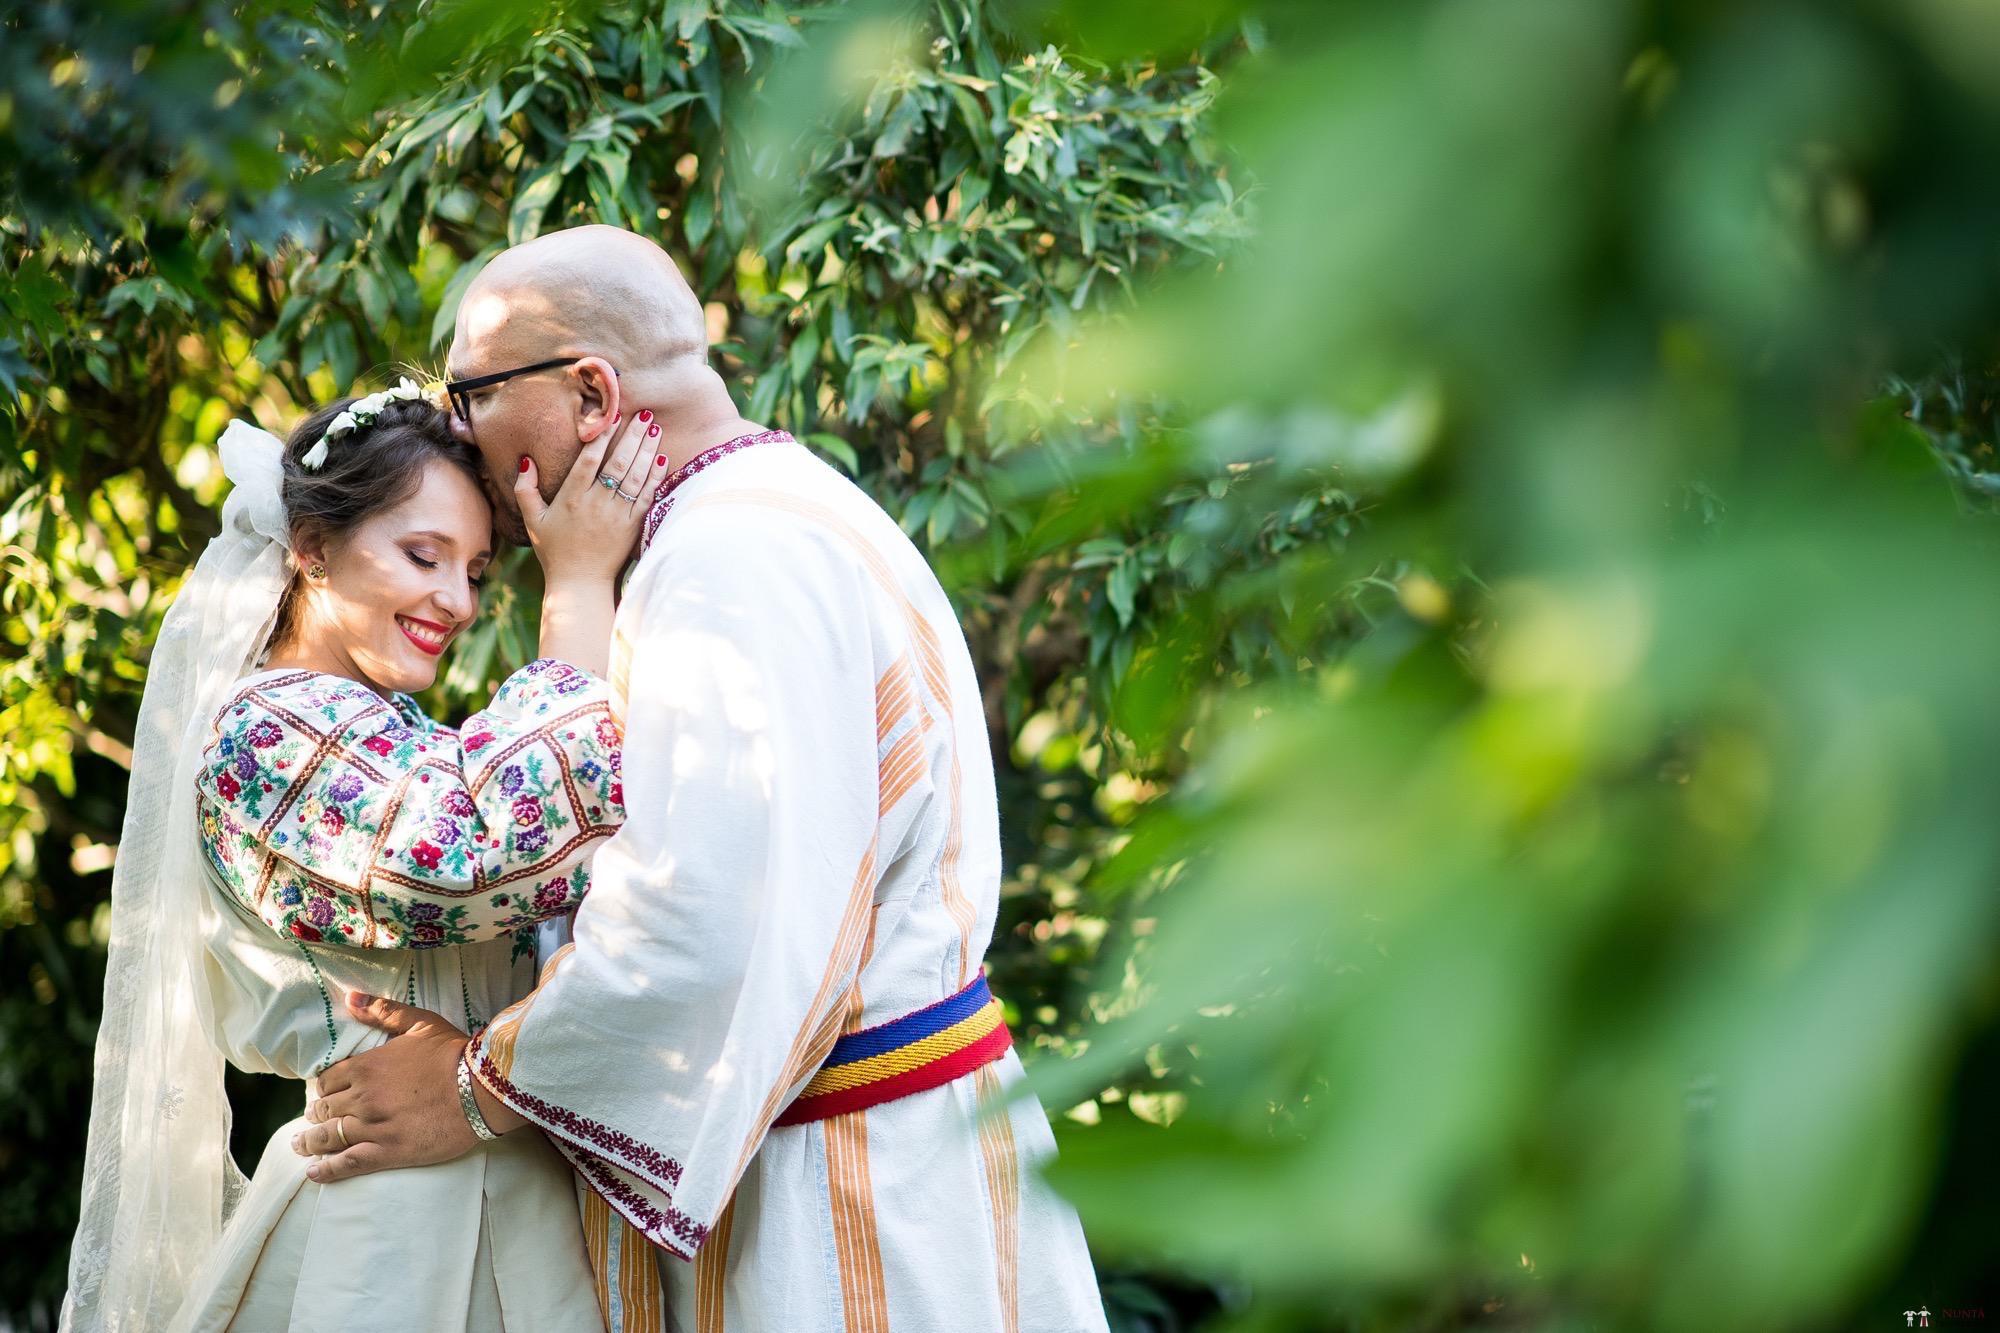 Povești Nunți Tradiționale - Ioana și Andrei. Nuntă tradițională în București. 33